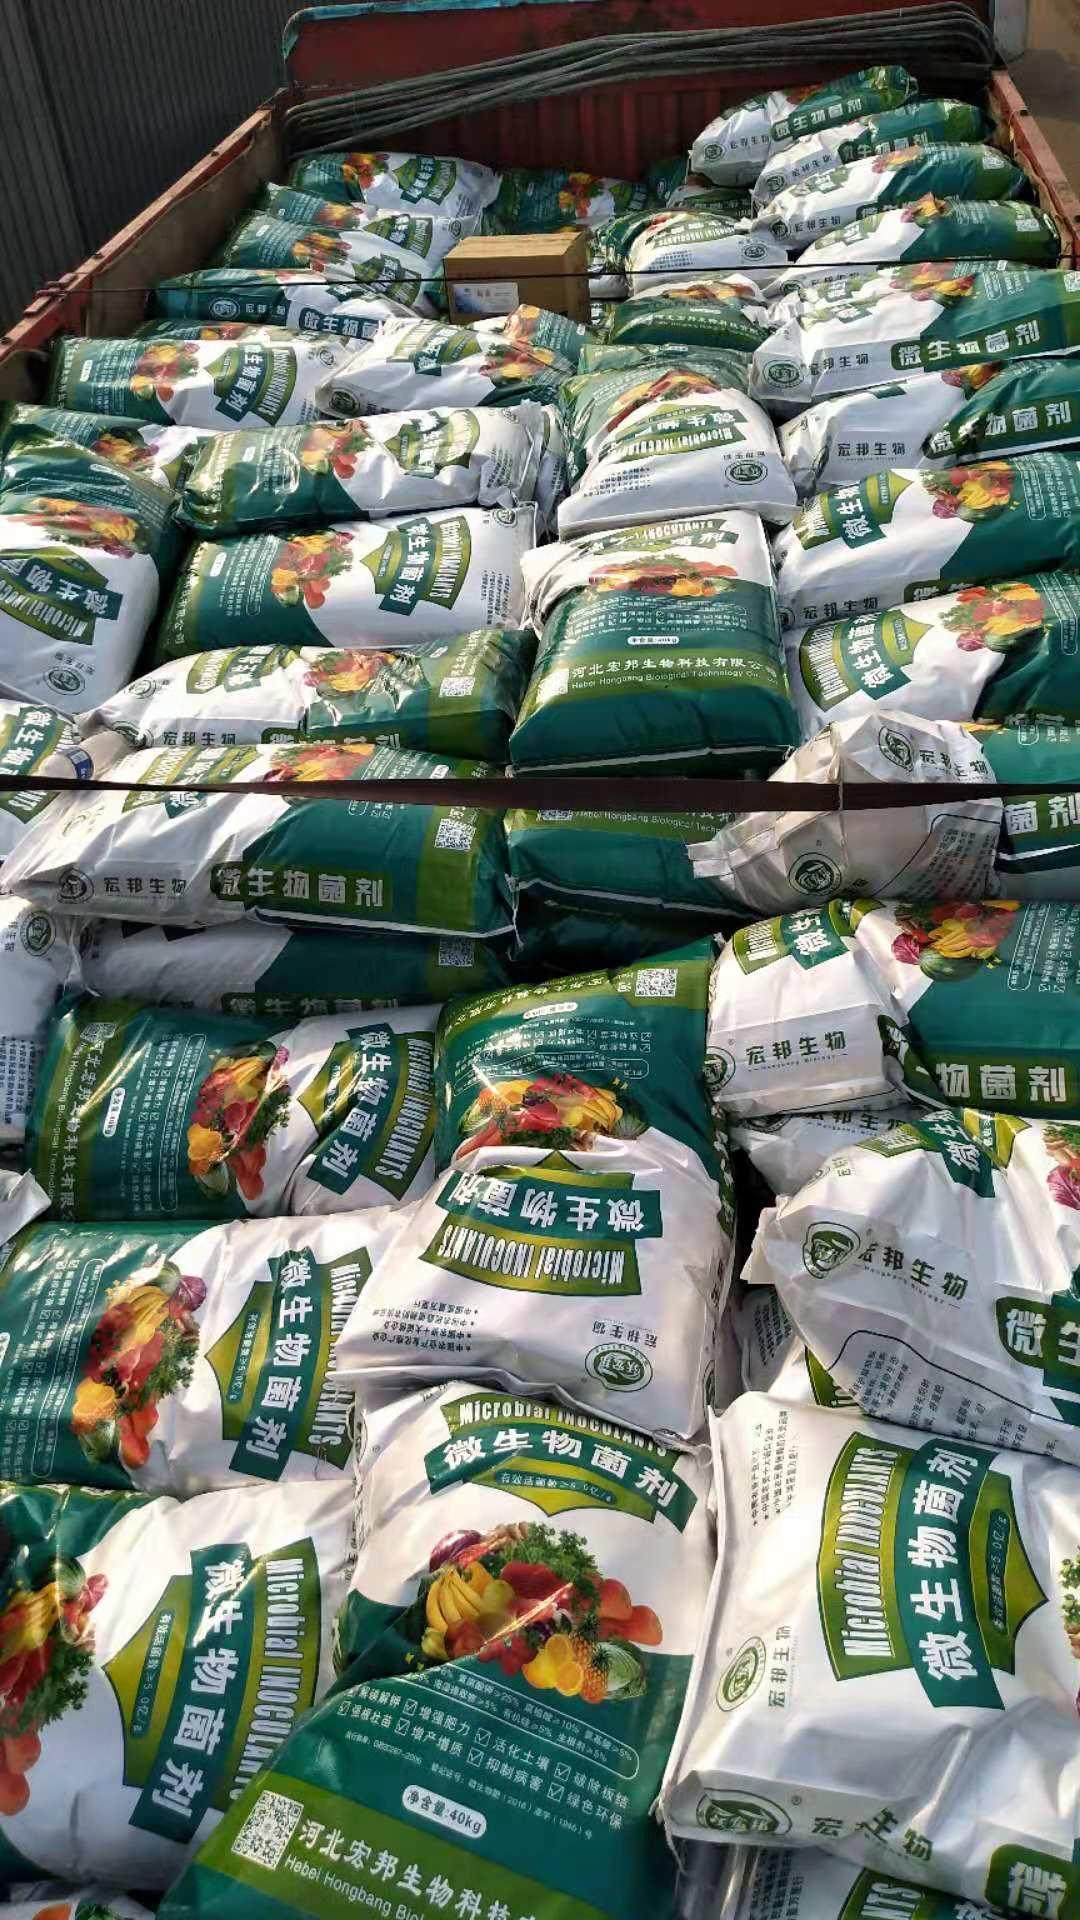 黄腐酸钾微生物菌肥在广西卸货中